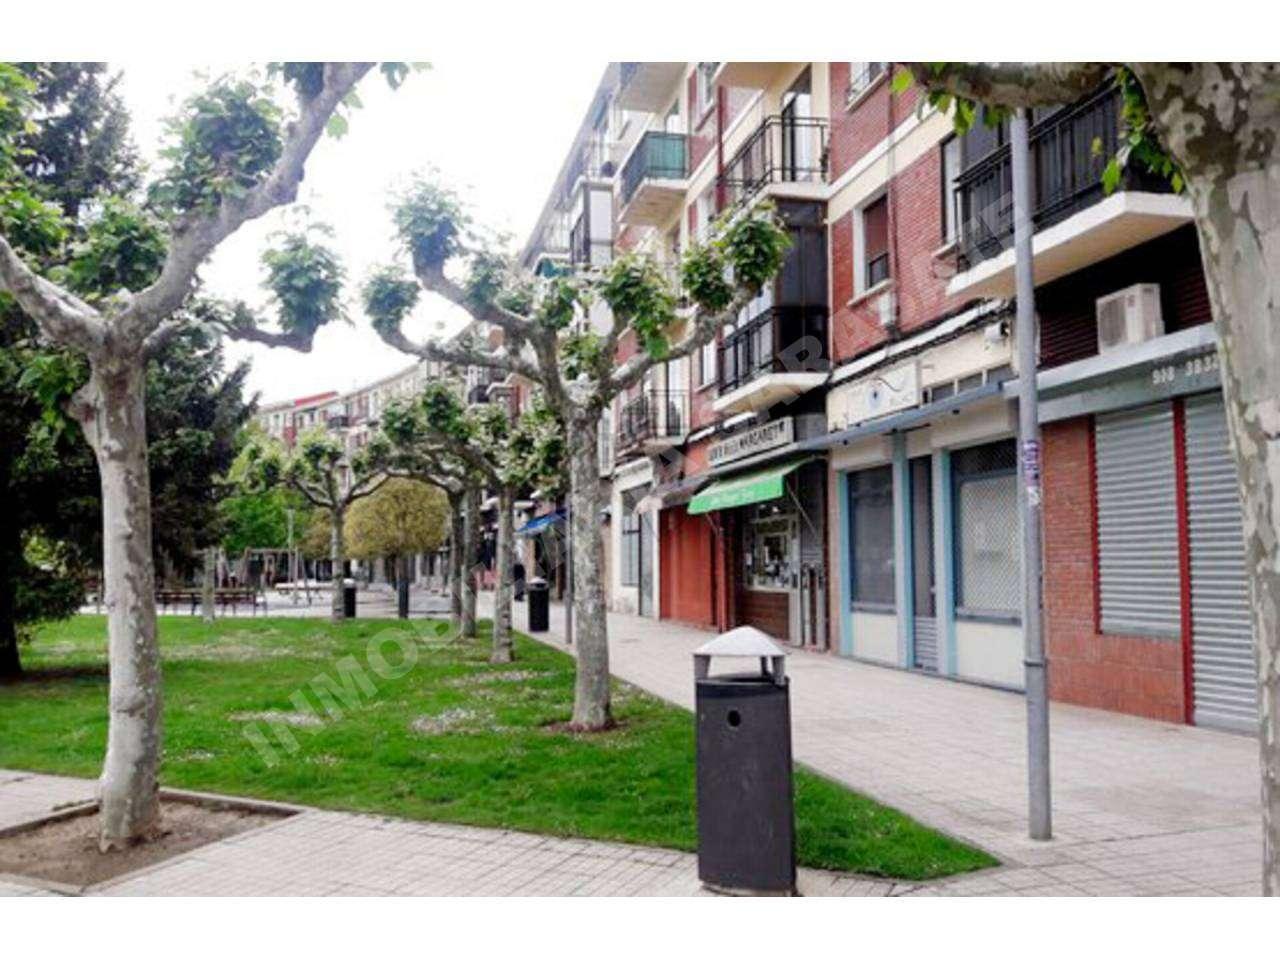 VENTA DE LOCAL EN CHANTREA – TXANTREA, PAMPLONA – IRUñA | REF. (004310)